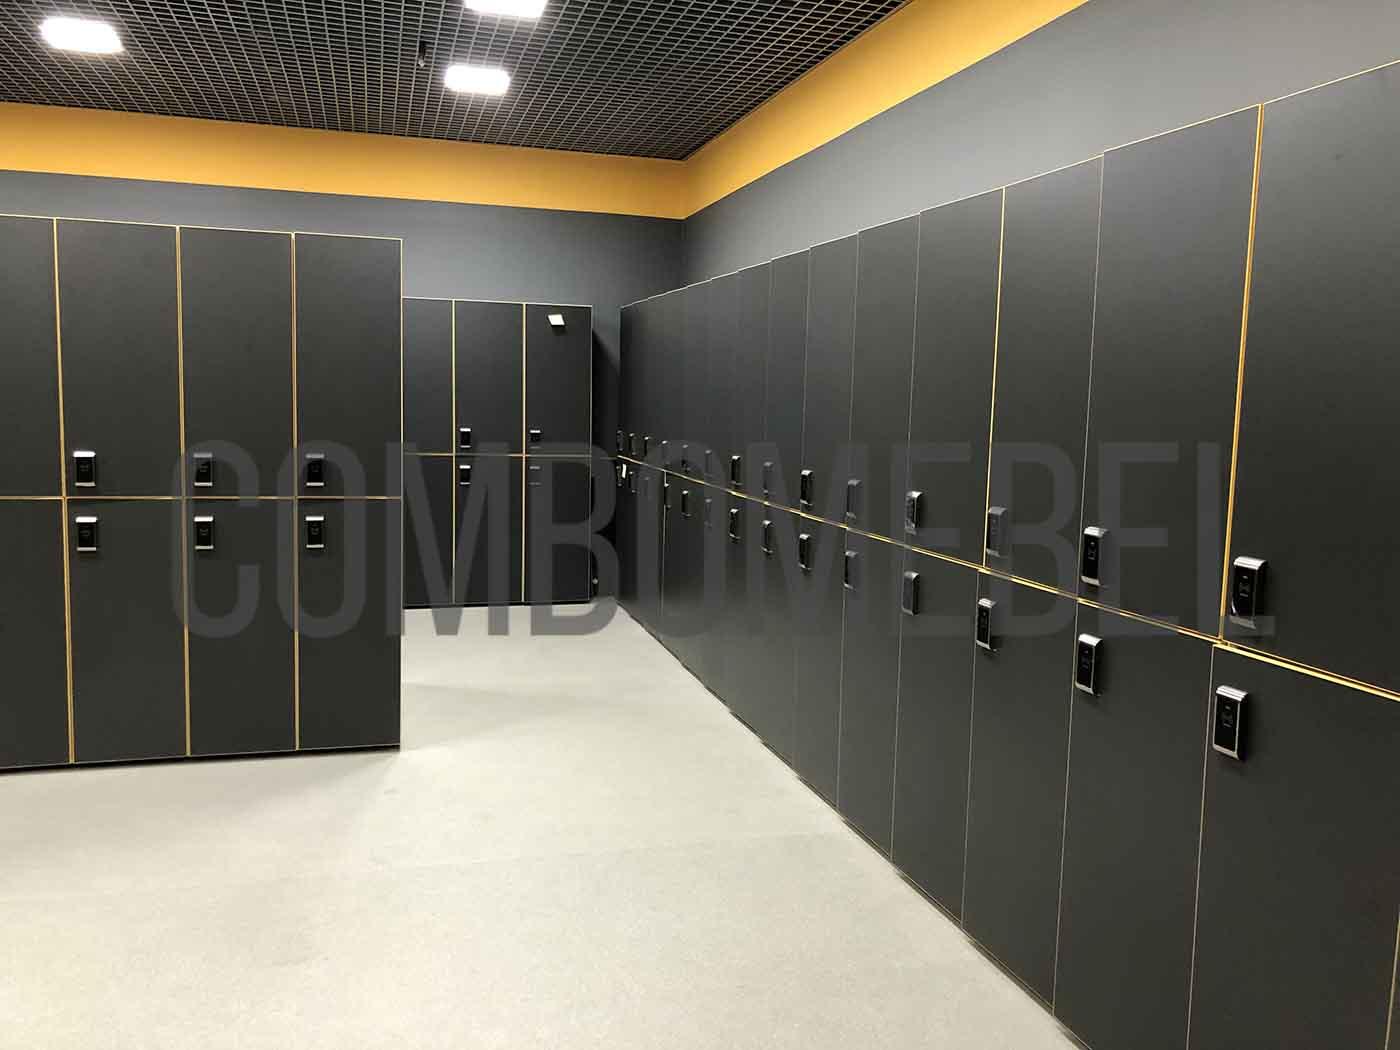 двухсекционные шкафы Дабл с электронными замками по дизайну заказчика